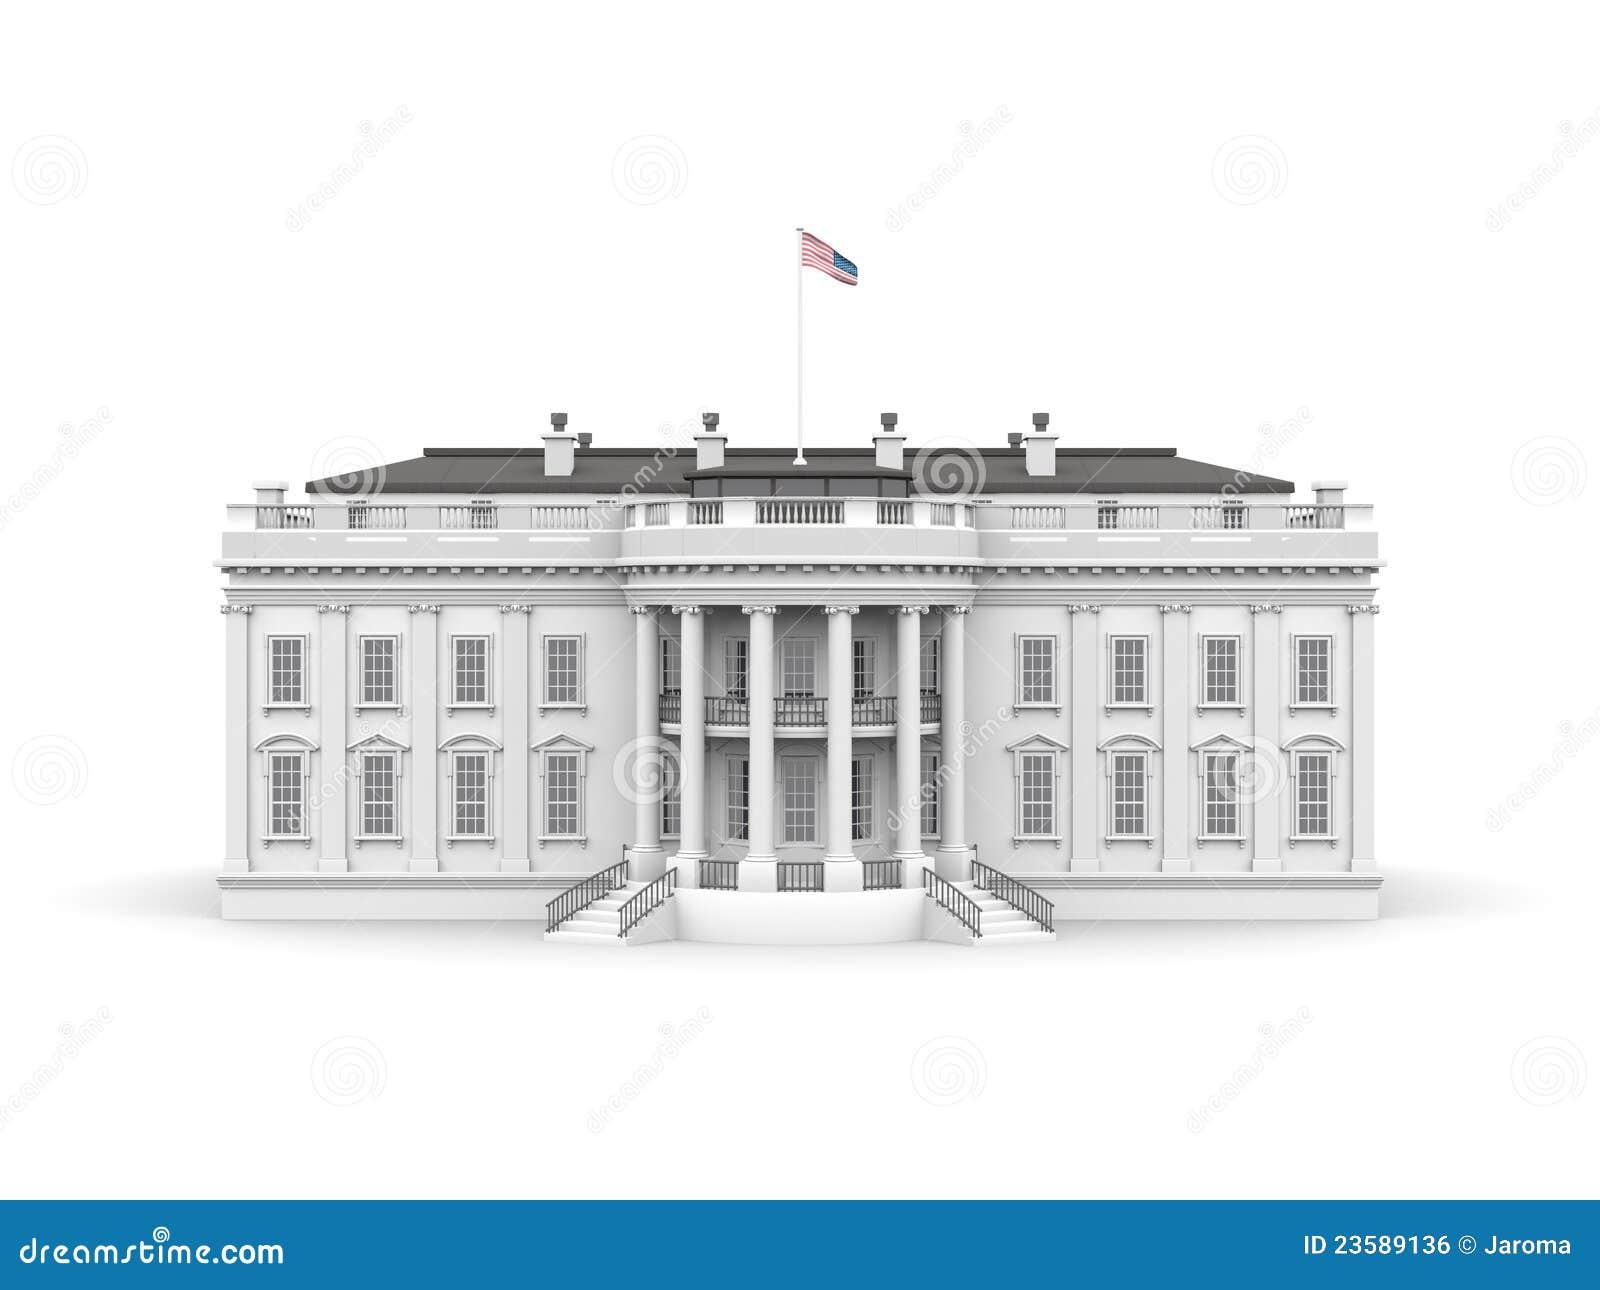 white house rendered illustration royalty free stock image Washington Monument Cartoon washington monument clipart